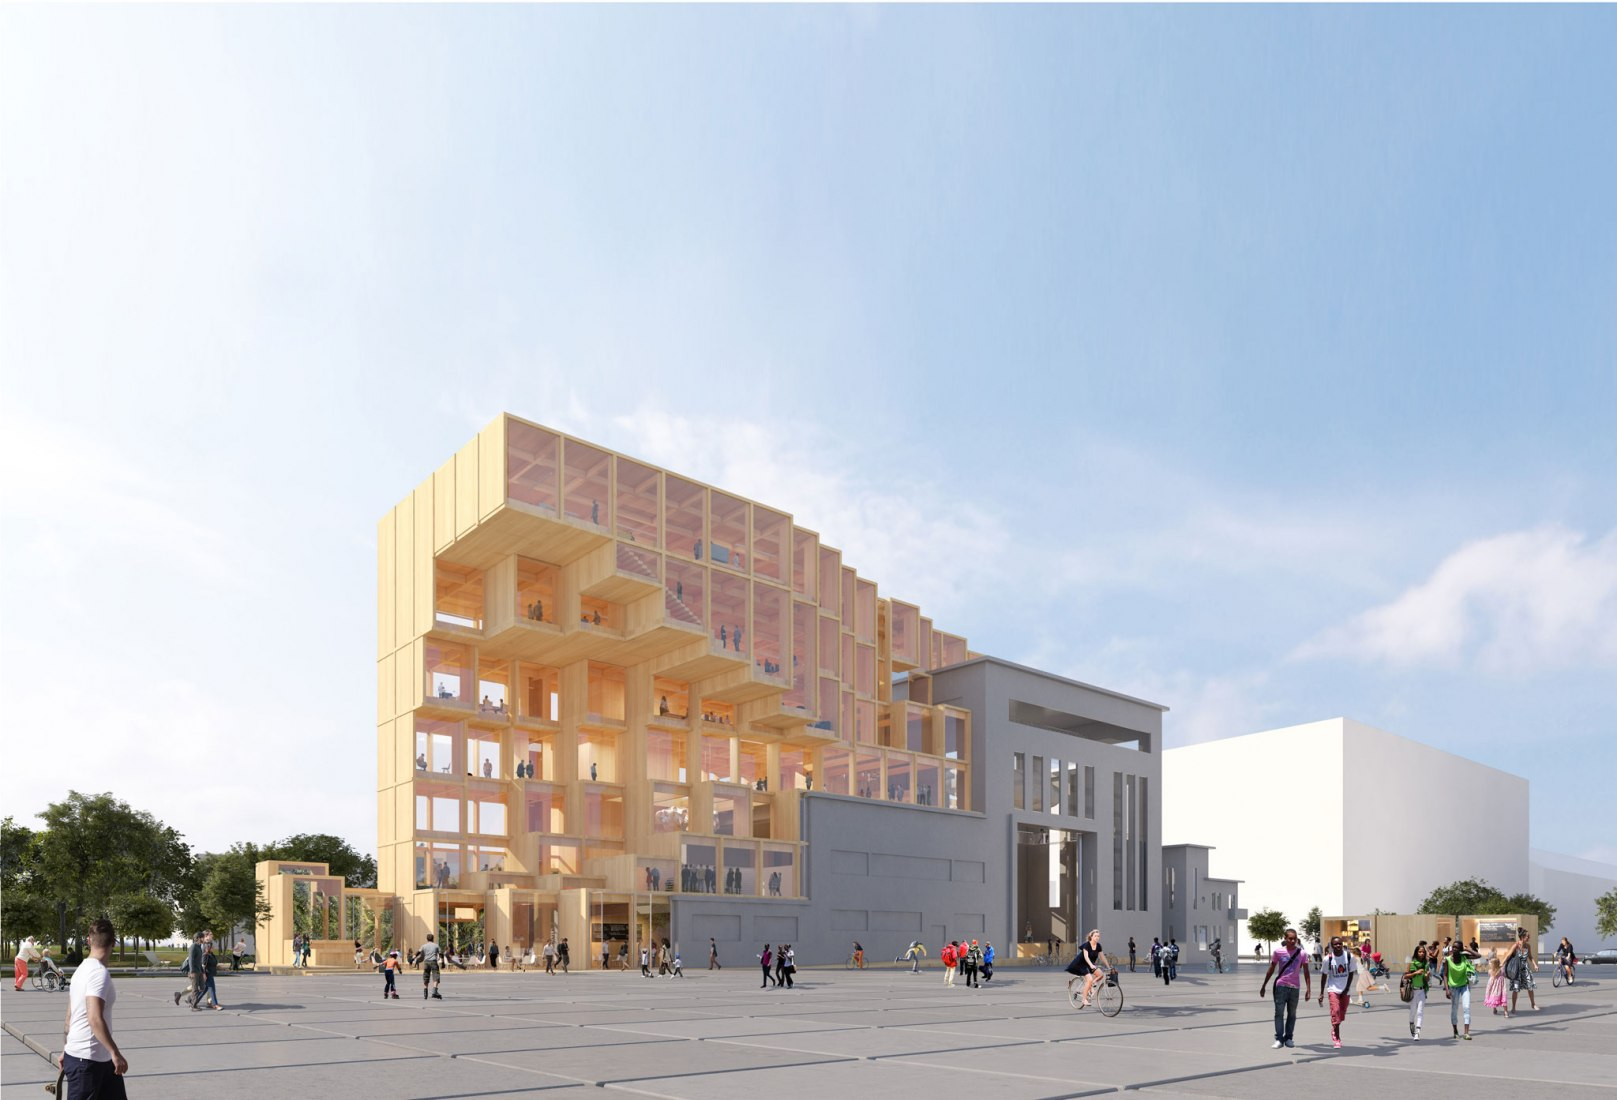 Visualización. Proyecto Odyssée Pleyel en un emplazamiento industrial en Saint-Denis (93 por Jakob + MacFarlane. Imagen cortesía de Jakob + MacFarlane.